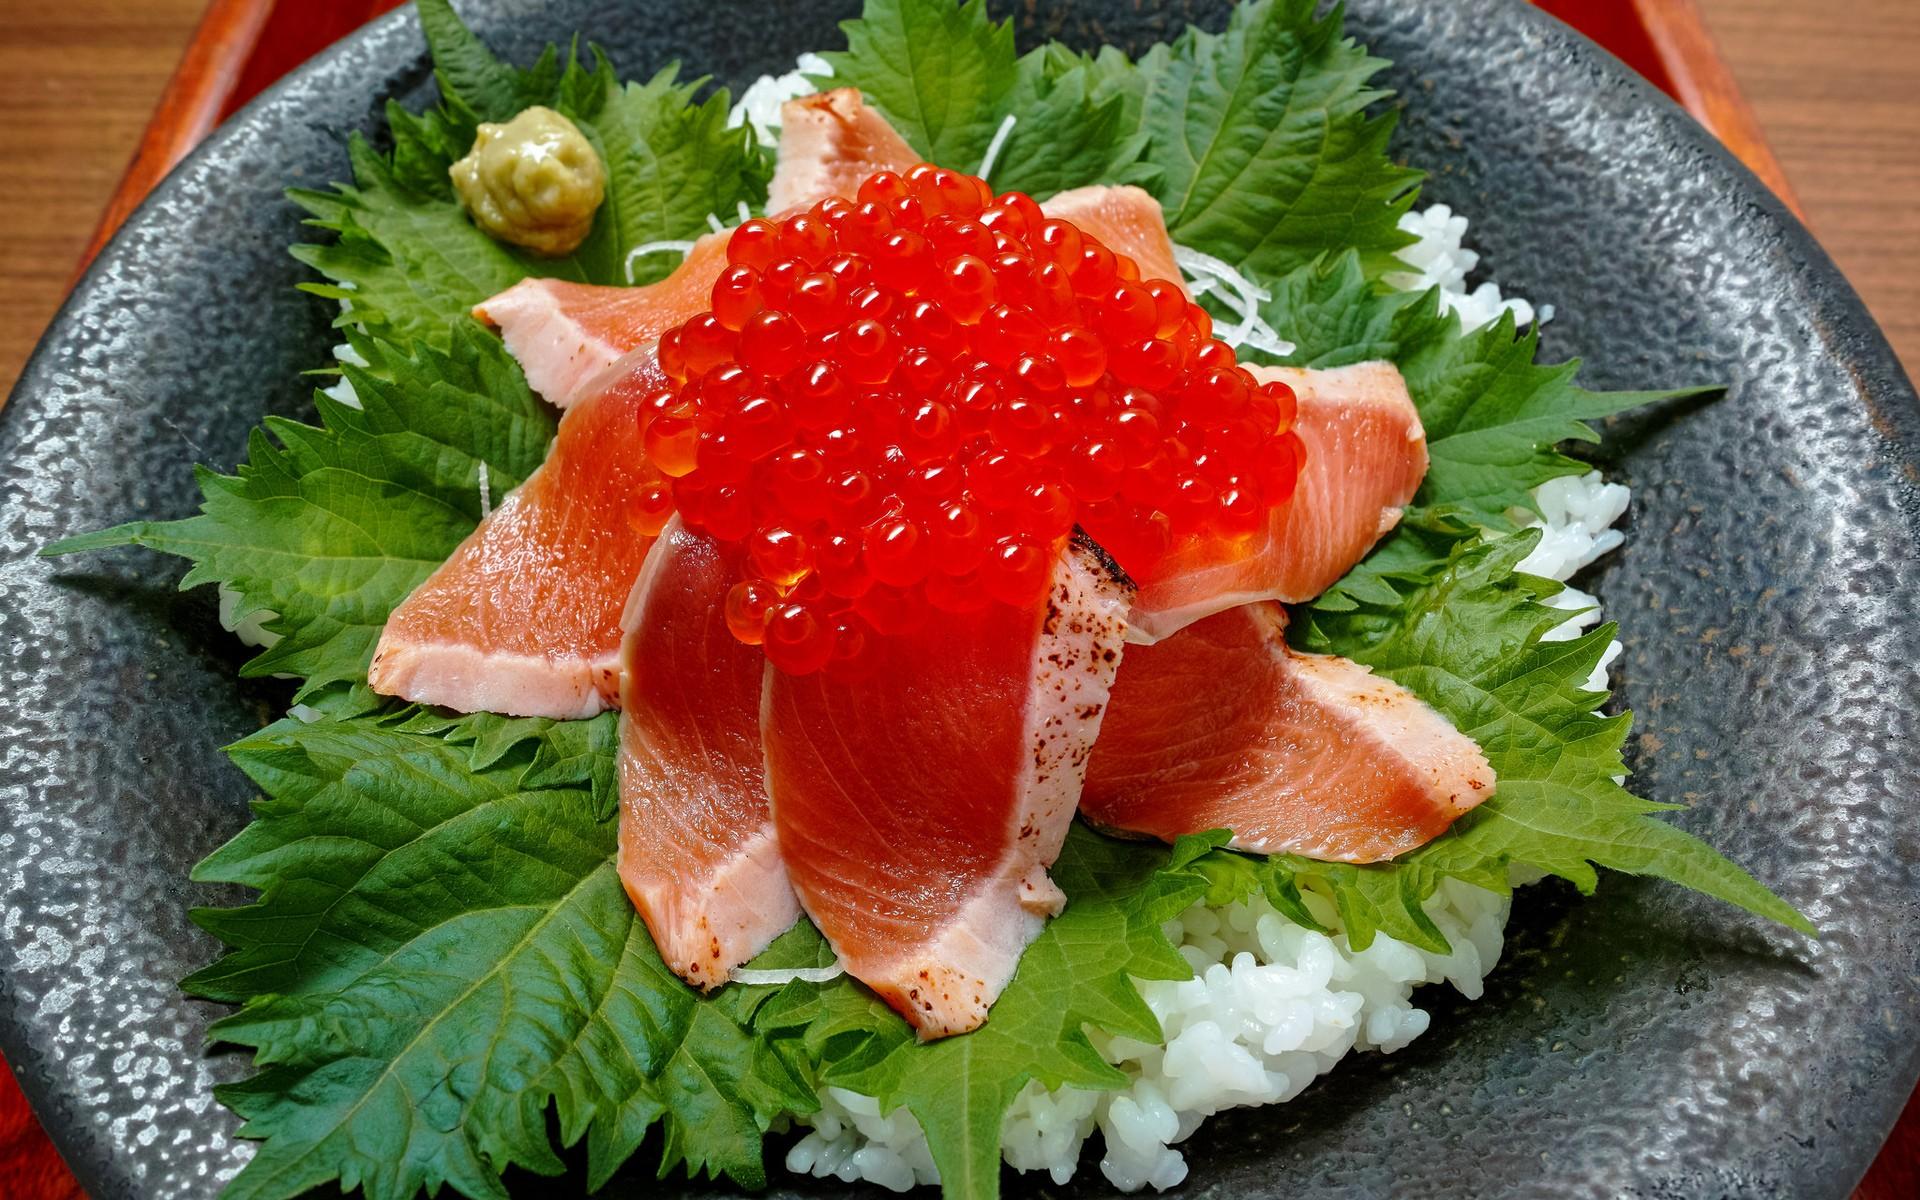 Салаты с рыбой, салаты с мясом, салаты с овощами, салаты с кальмарами и крабовыми палочками.